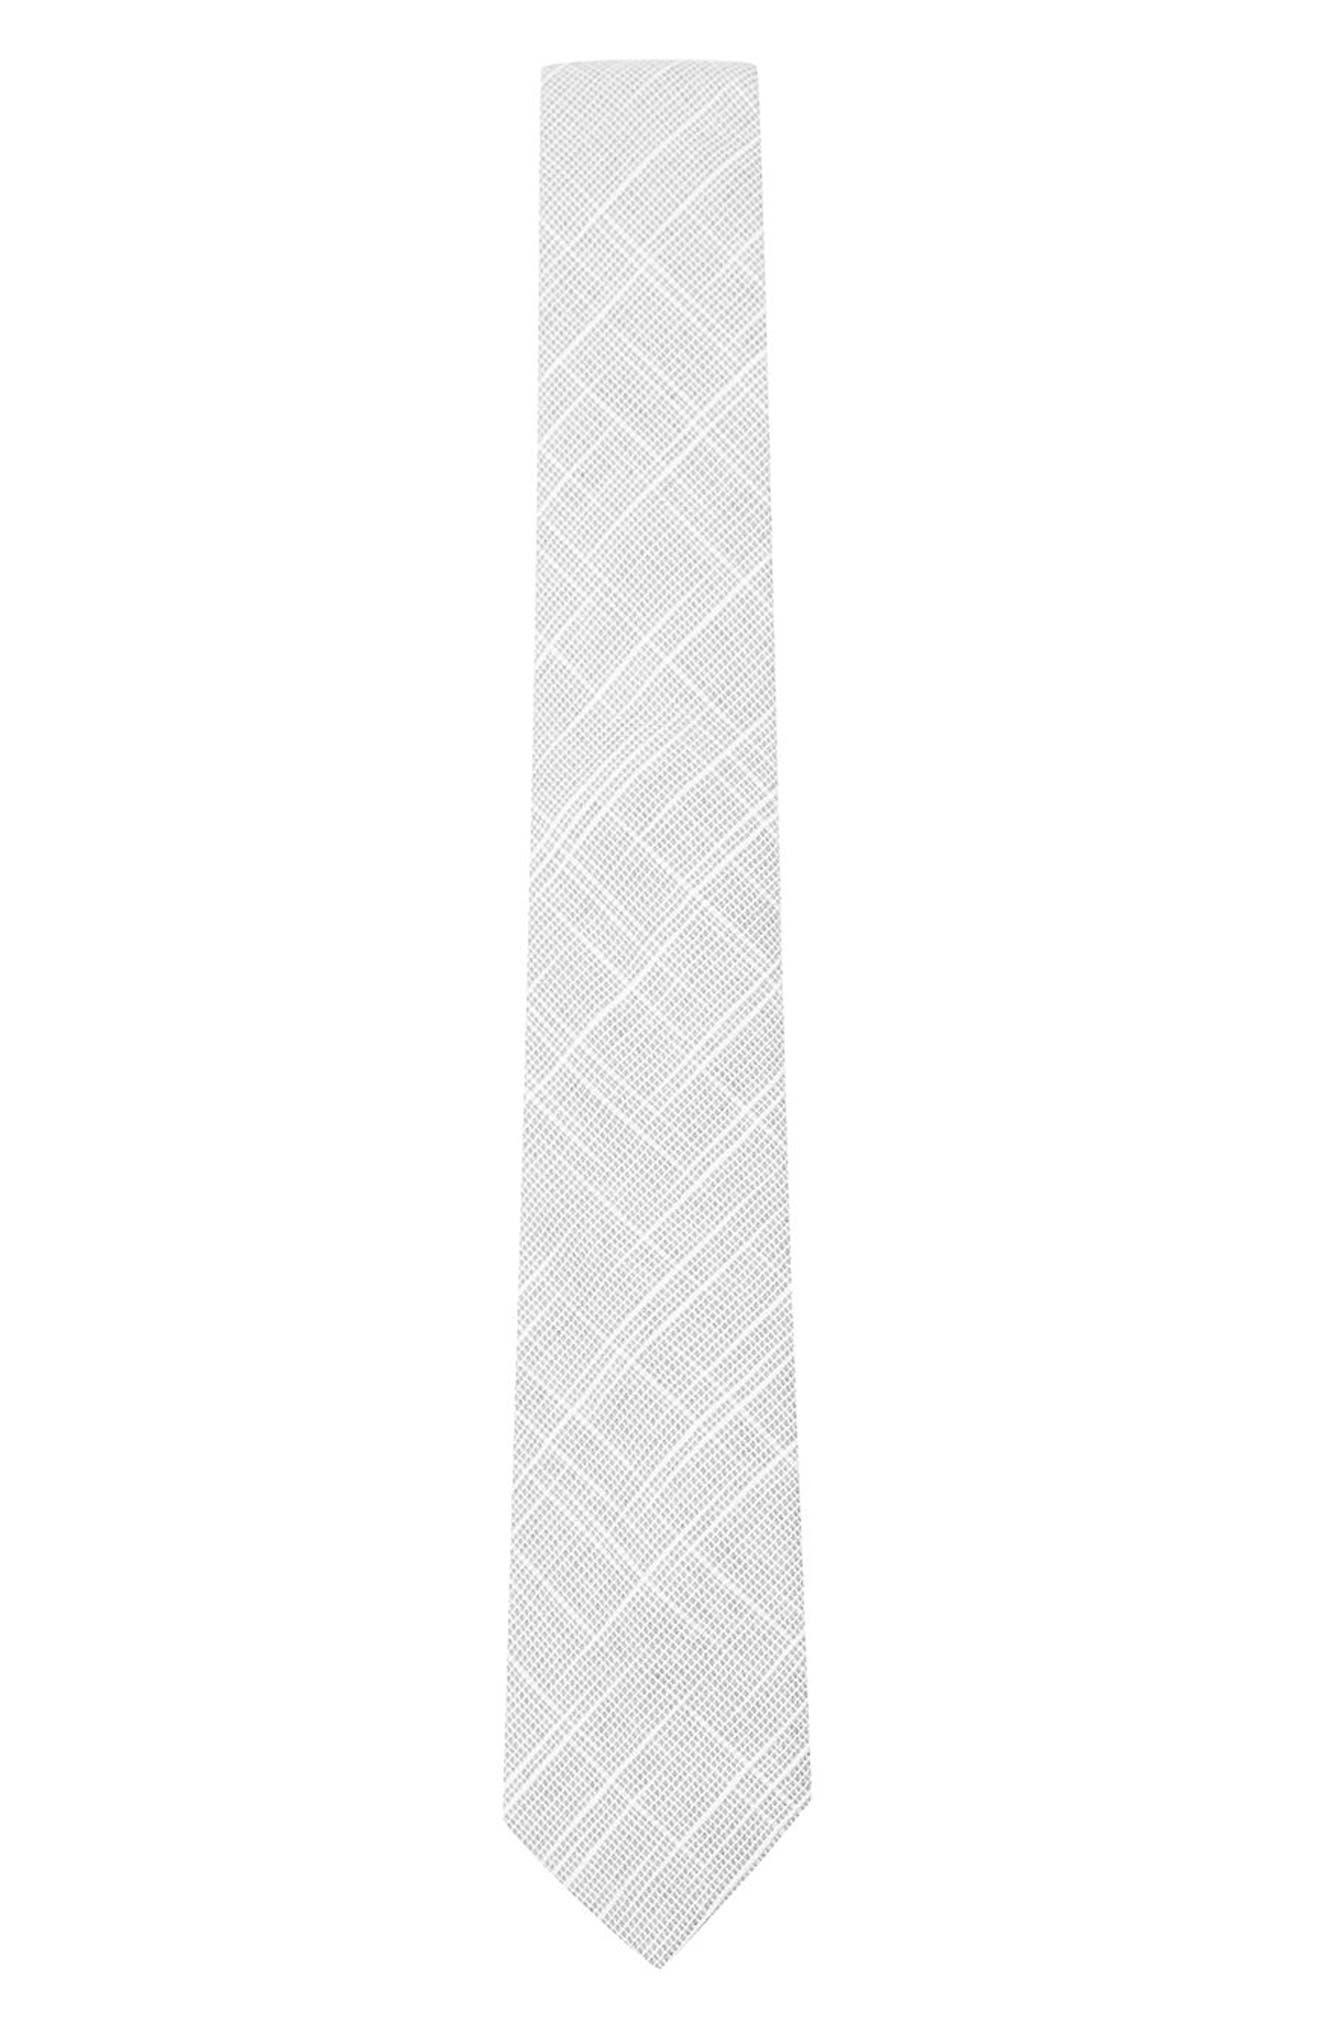 Topman Textured Linen & Cotton Tie